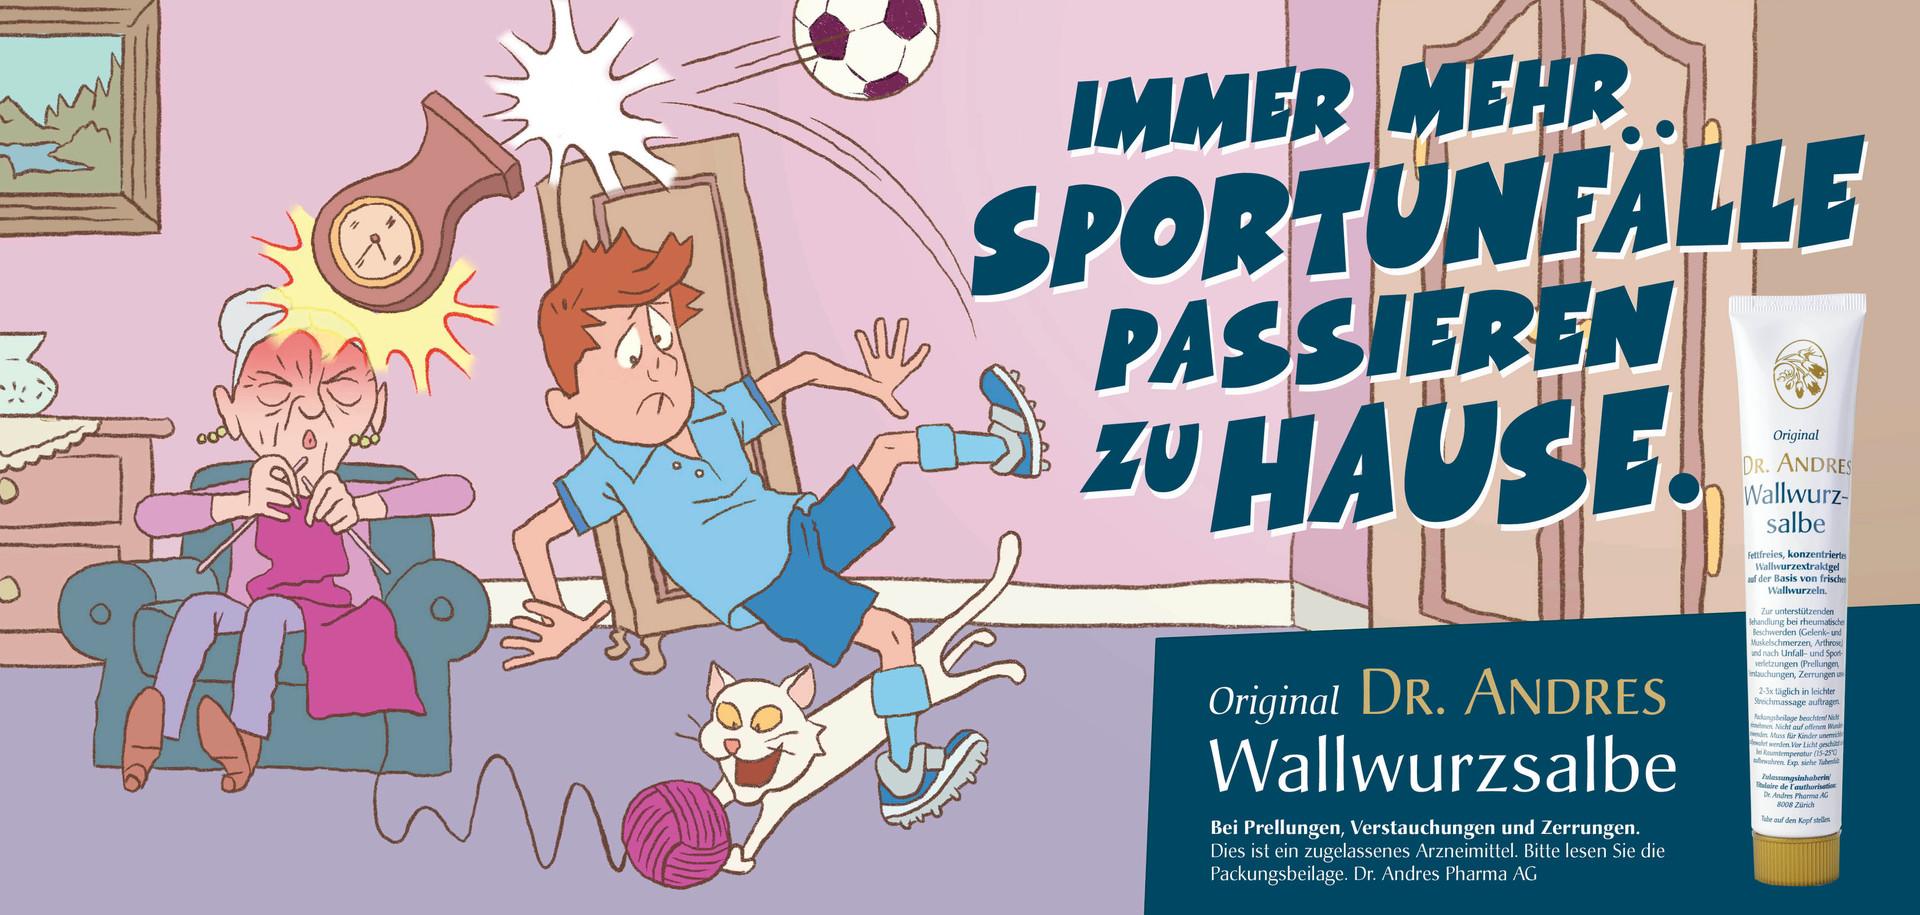 Wallwurz Soccer.JPG